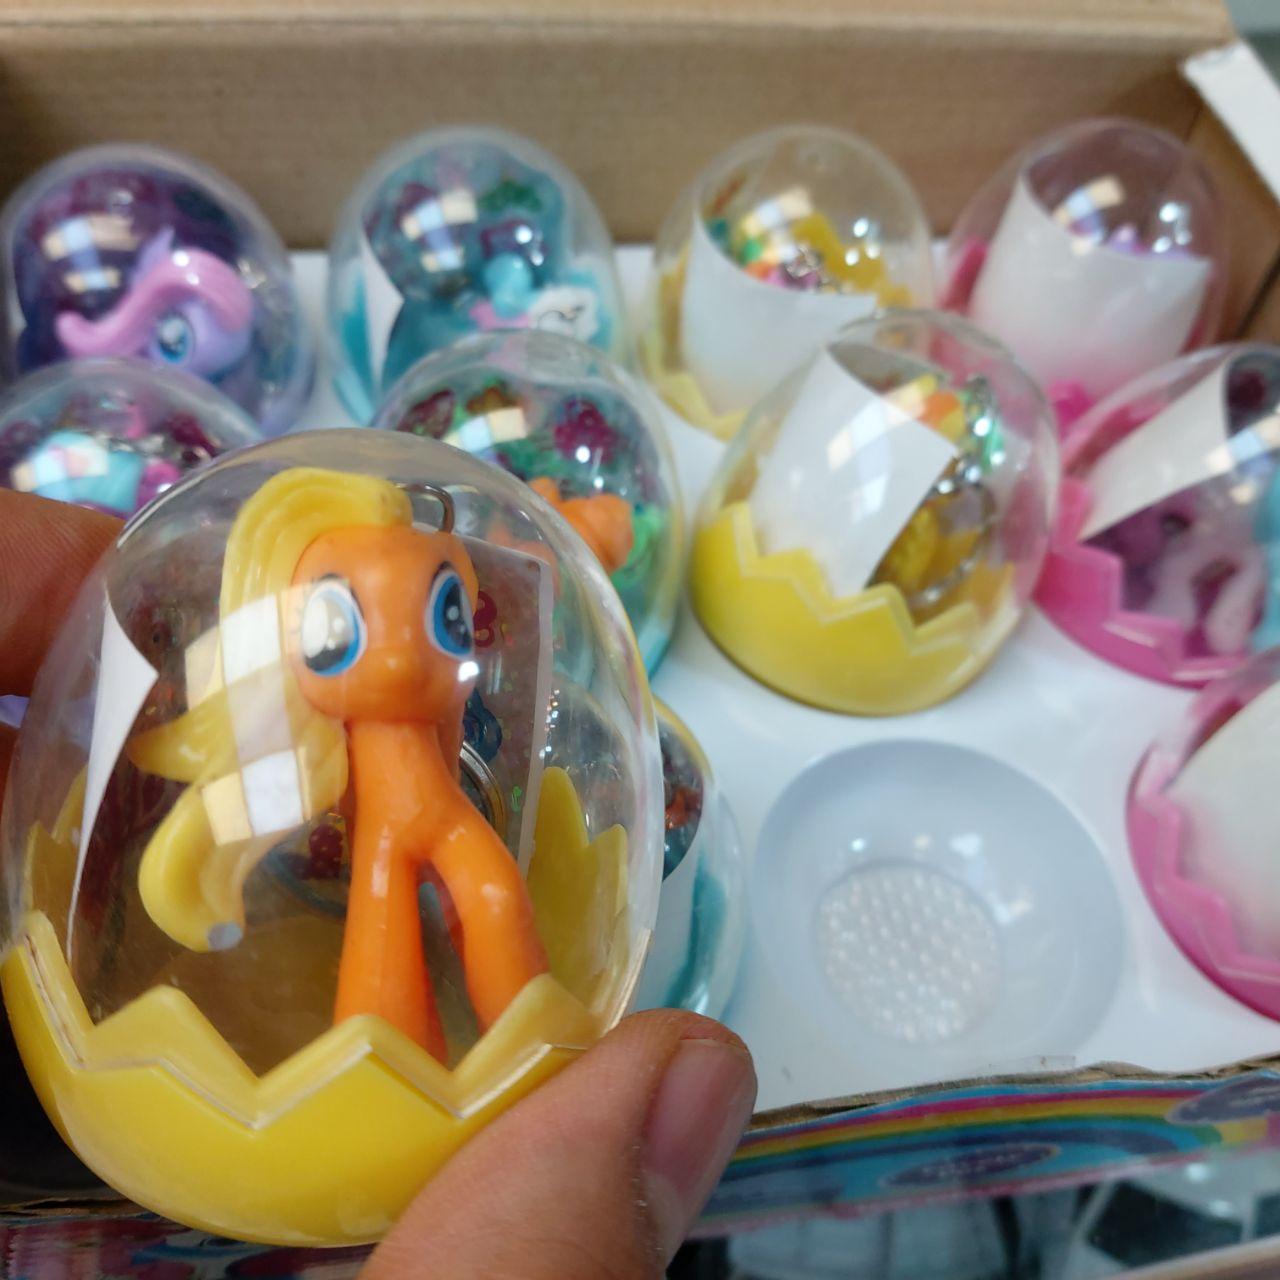 پخش عمده اسباب بازی های دخترانه عروسک پونی تخم مرغی